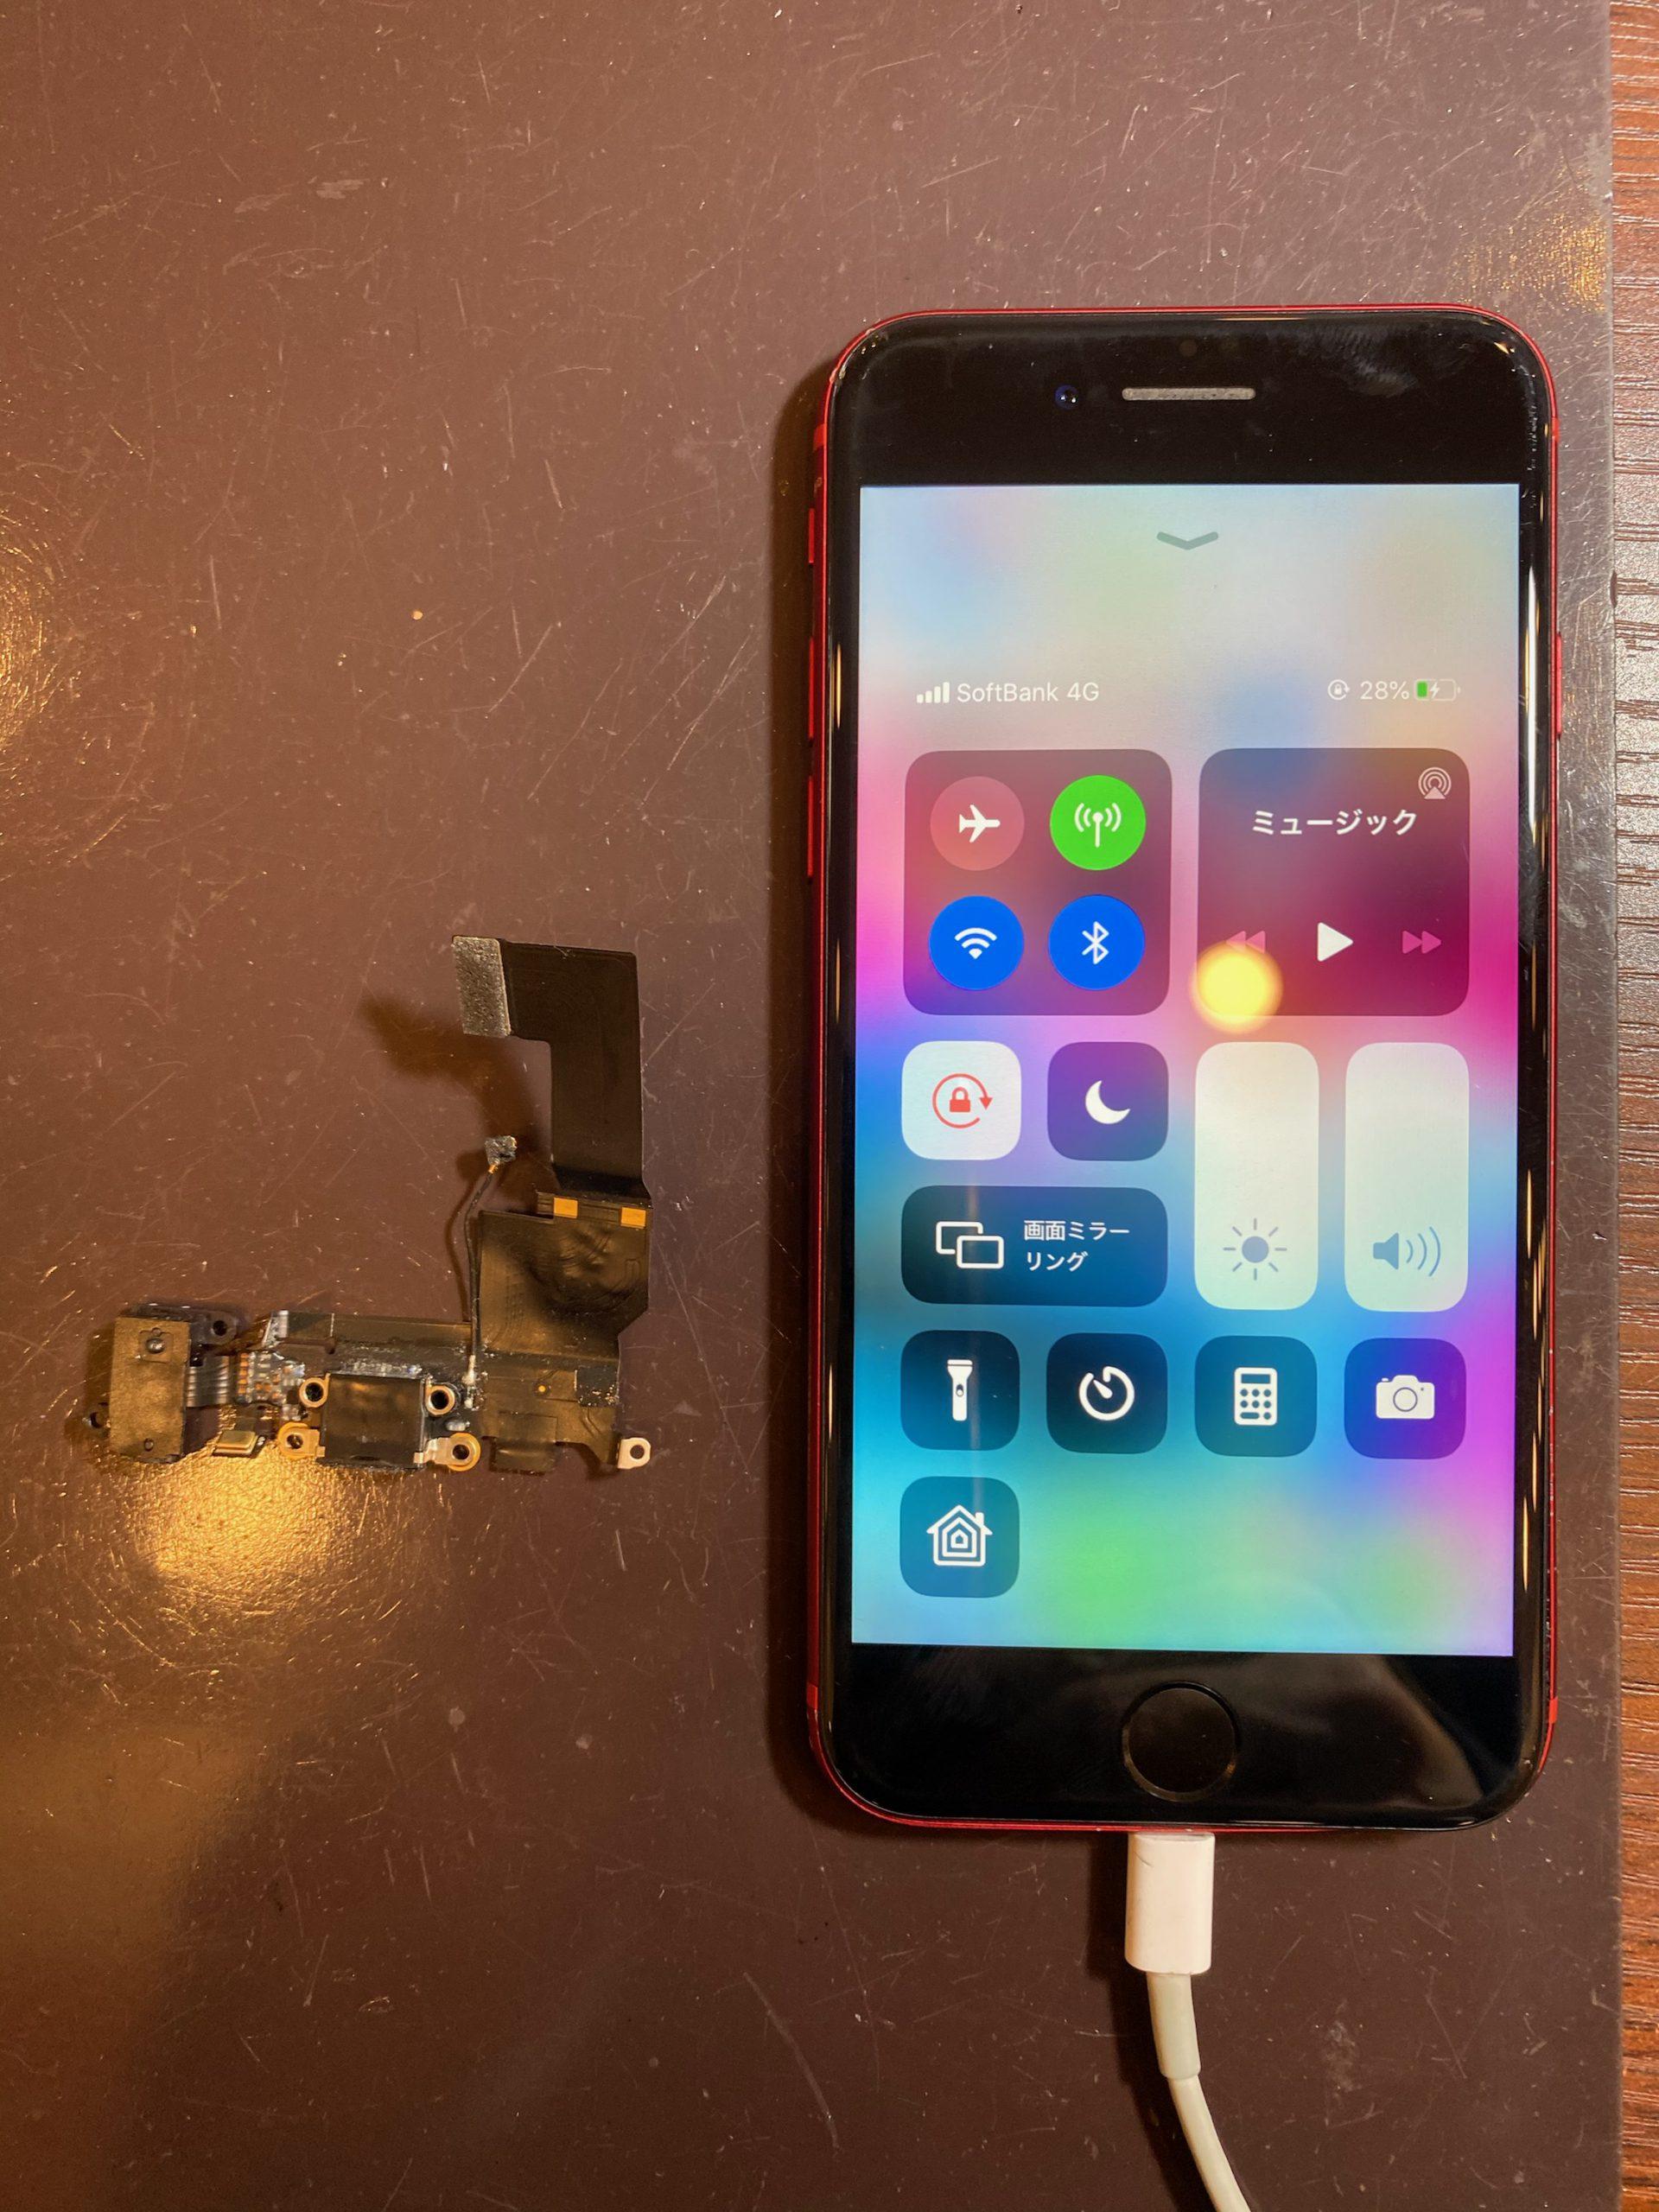 iPhone8 充電コネクタ―修理 データそのまま即日最短40分修理 <尼崎市からお越しのお客様>ク